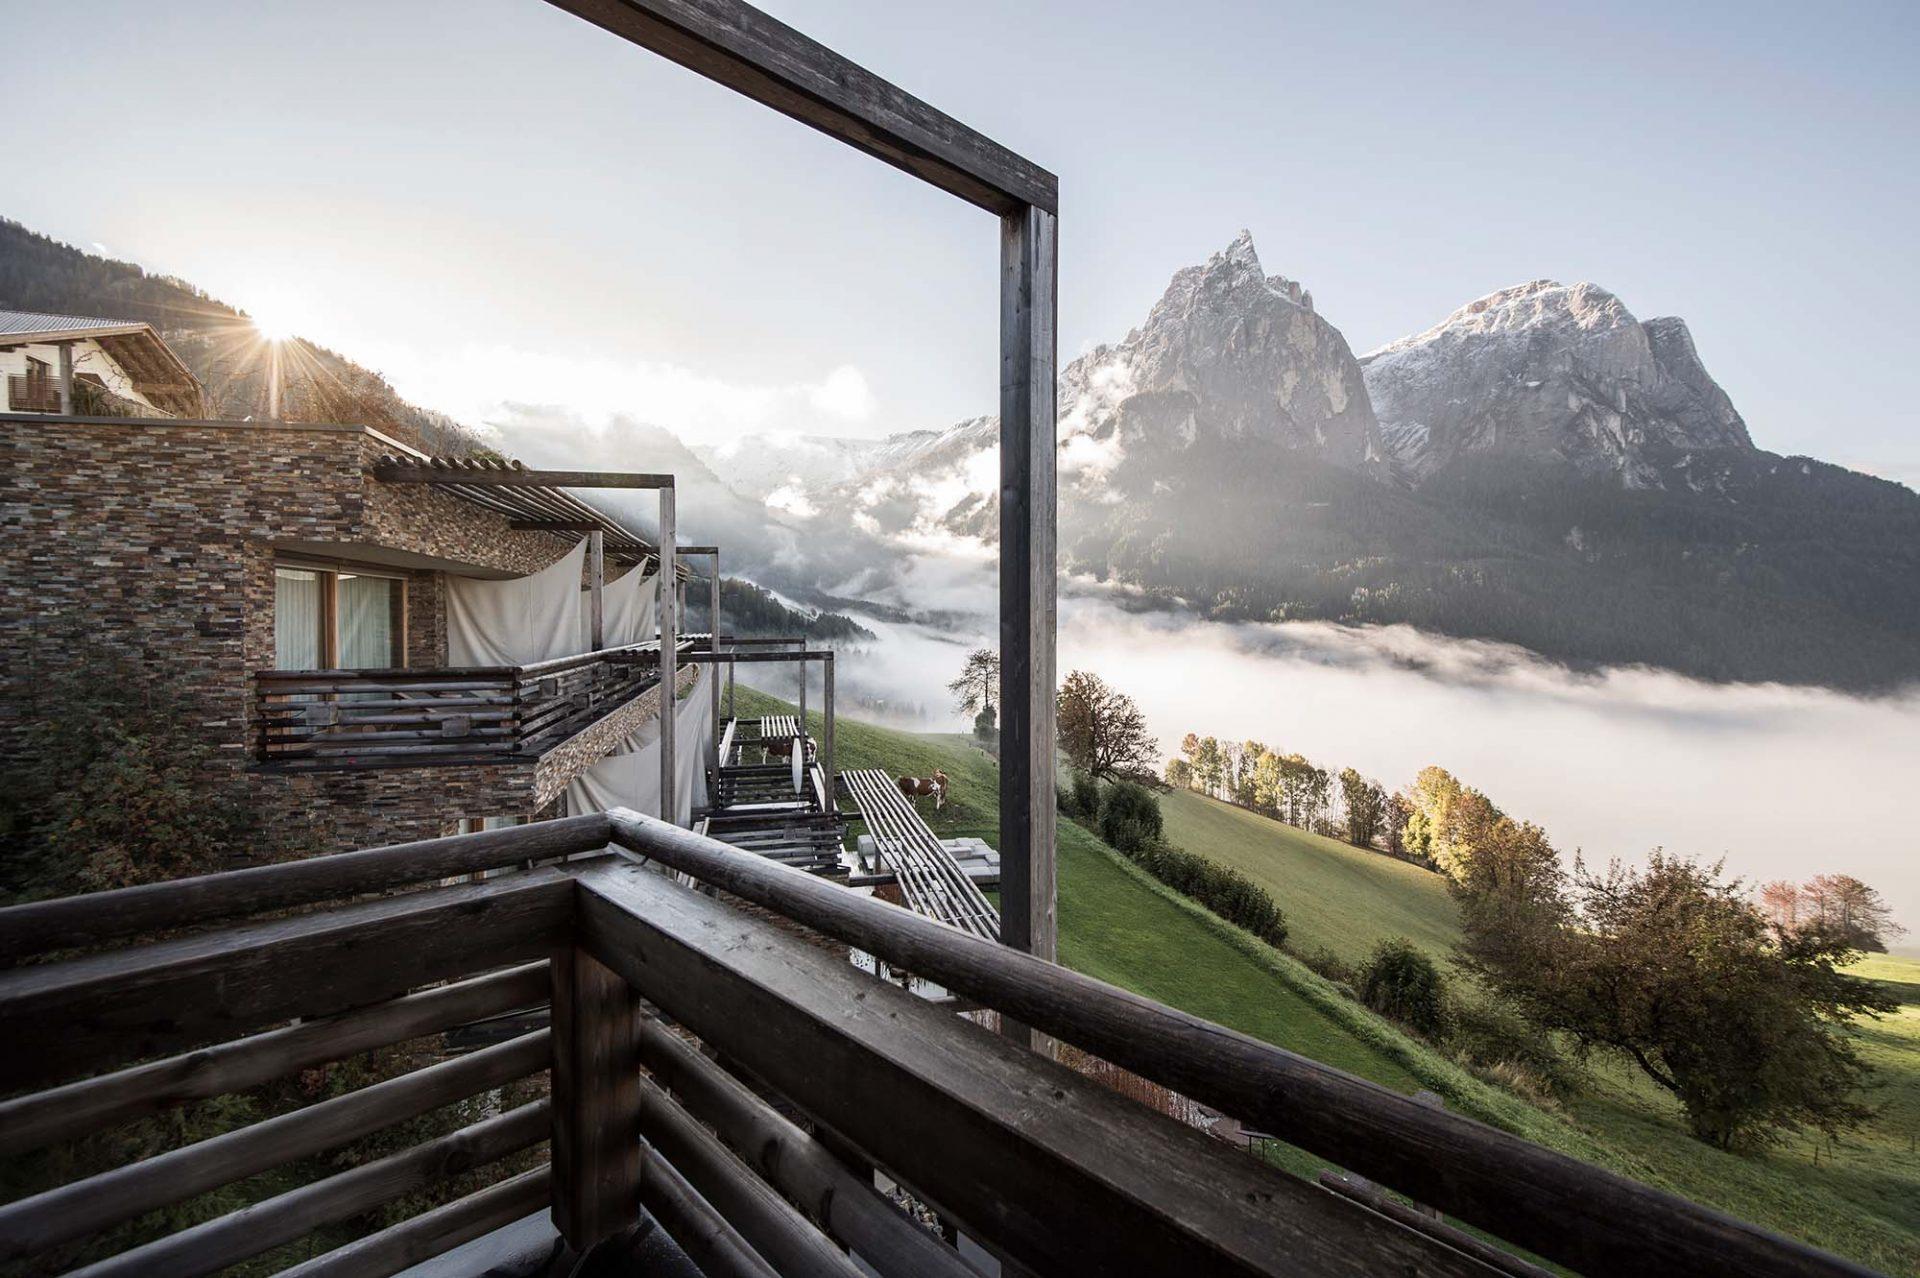 Valentinerhof. Das Hotel wird zur Bühne für das beeindruckende Massiv des Seiser Hausberges.